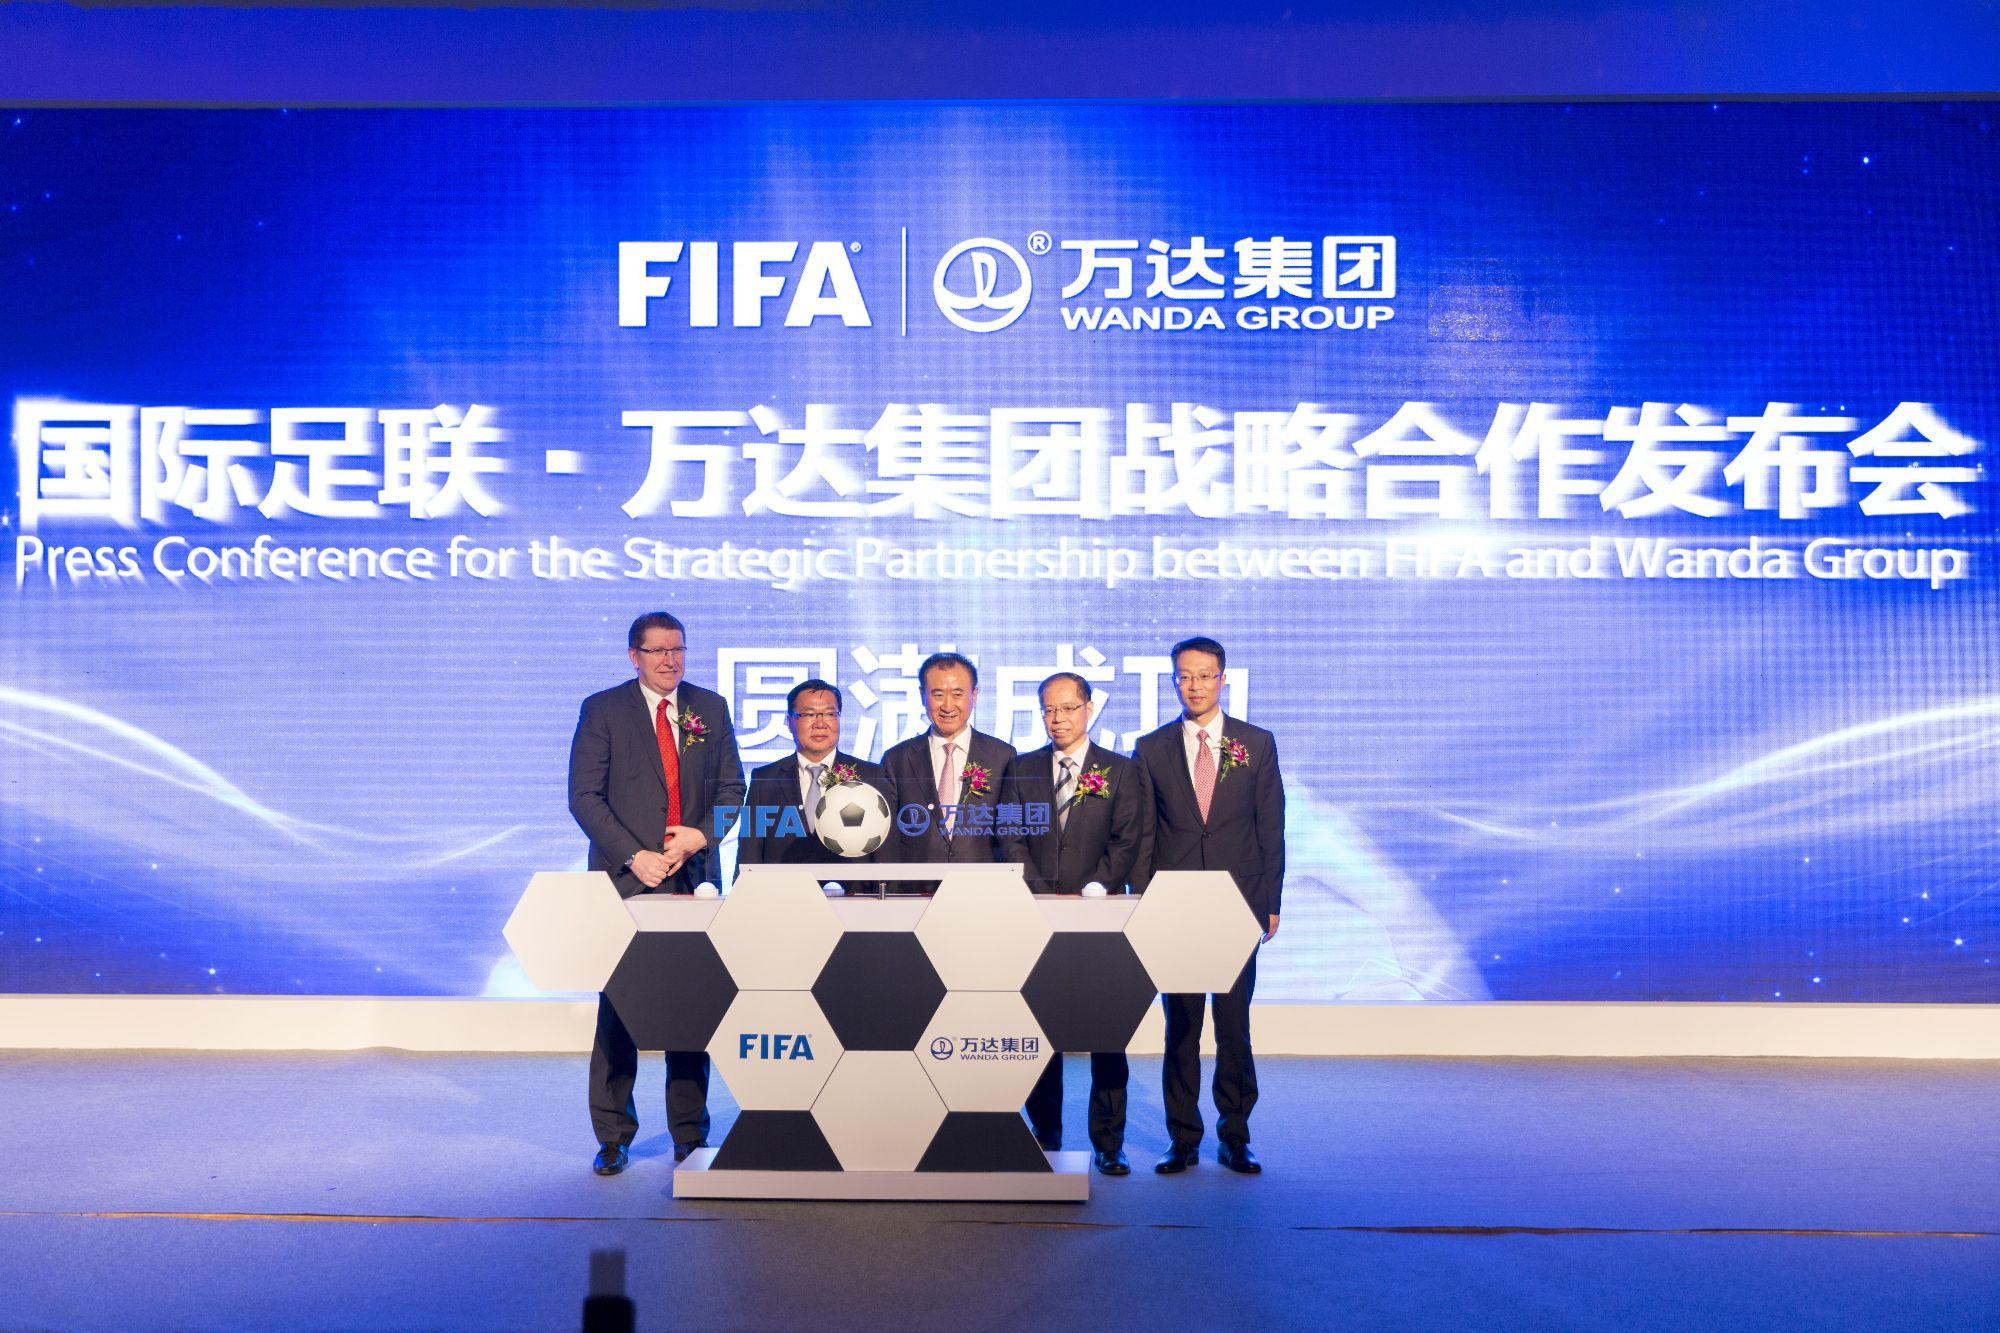 万达与国际足联签下了长达15年的战略合作协议,这是万达布局体育